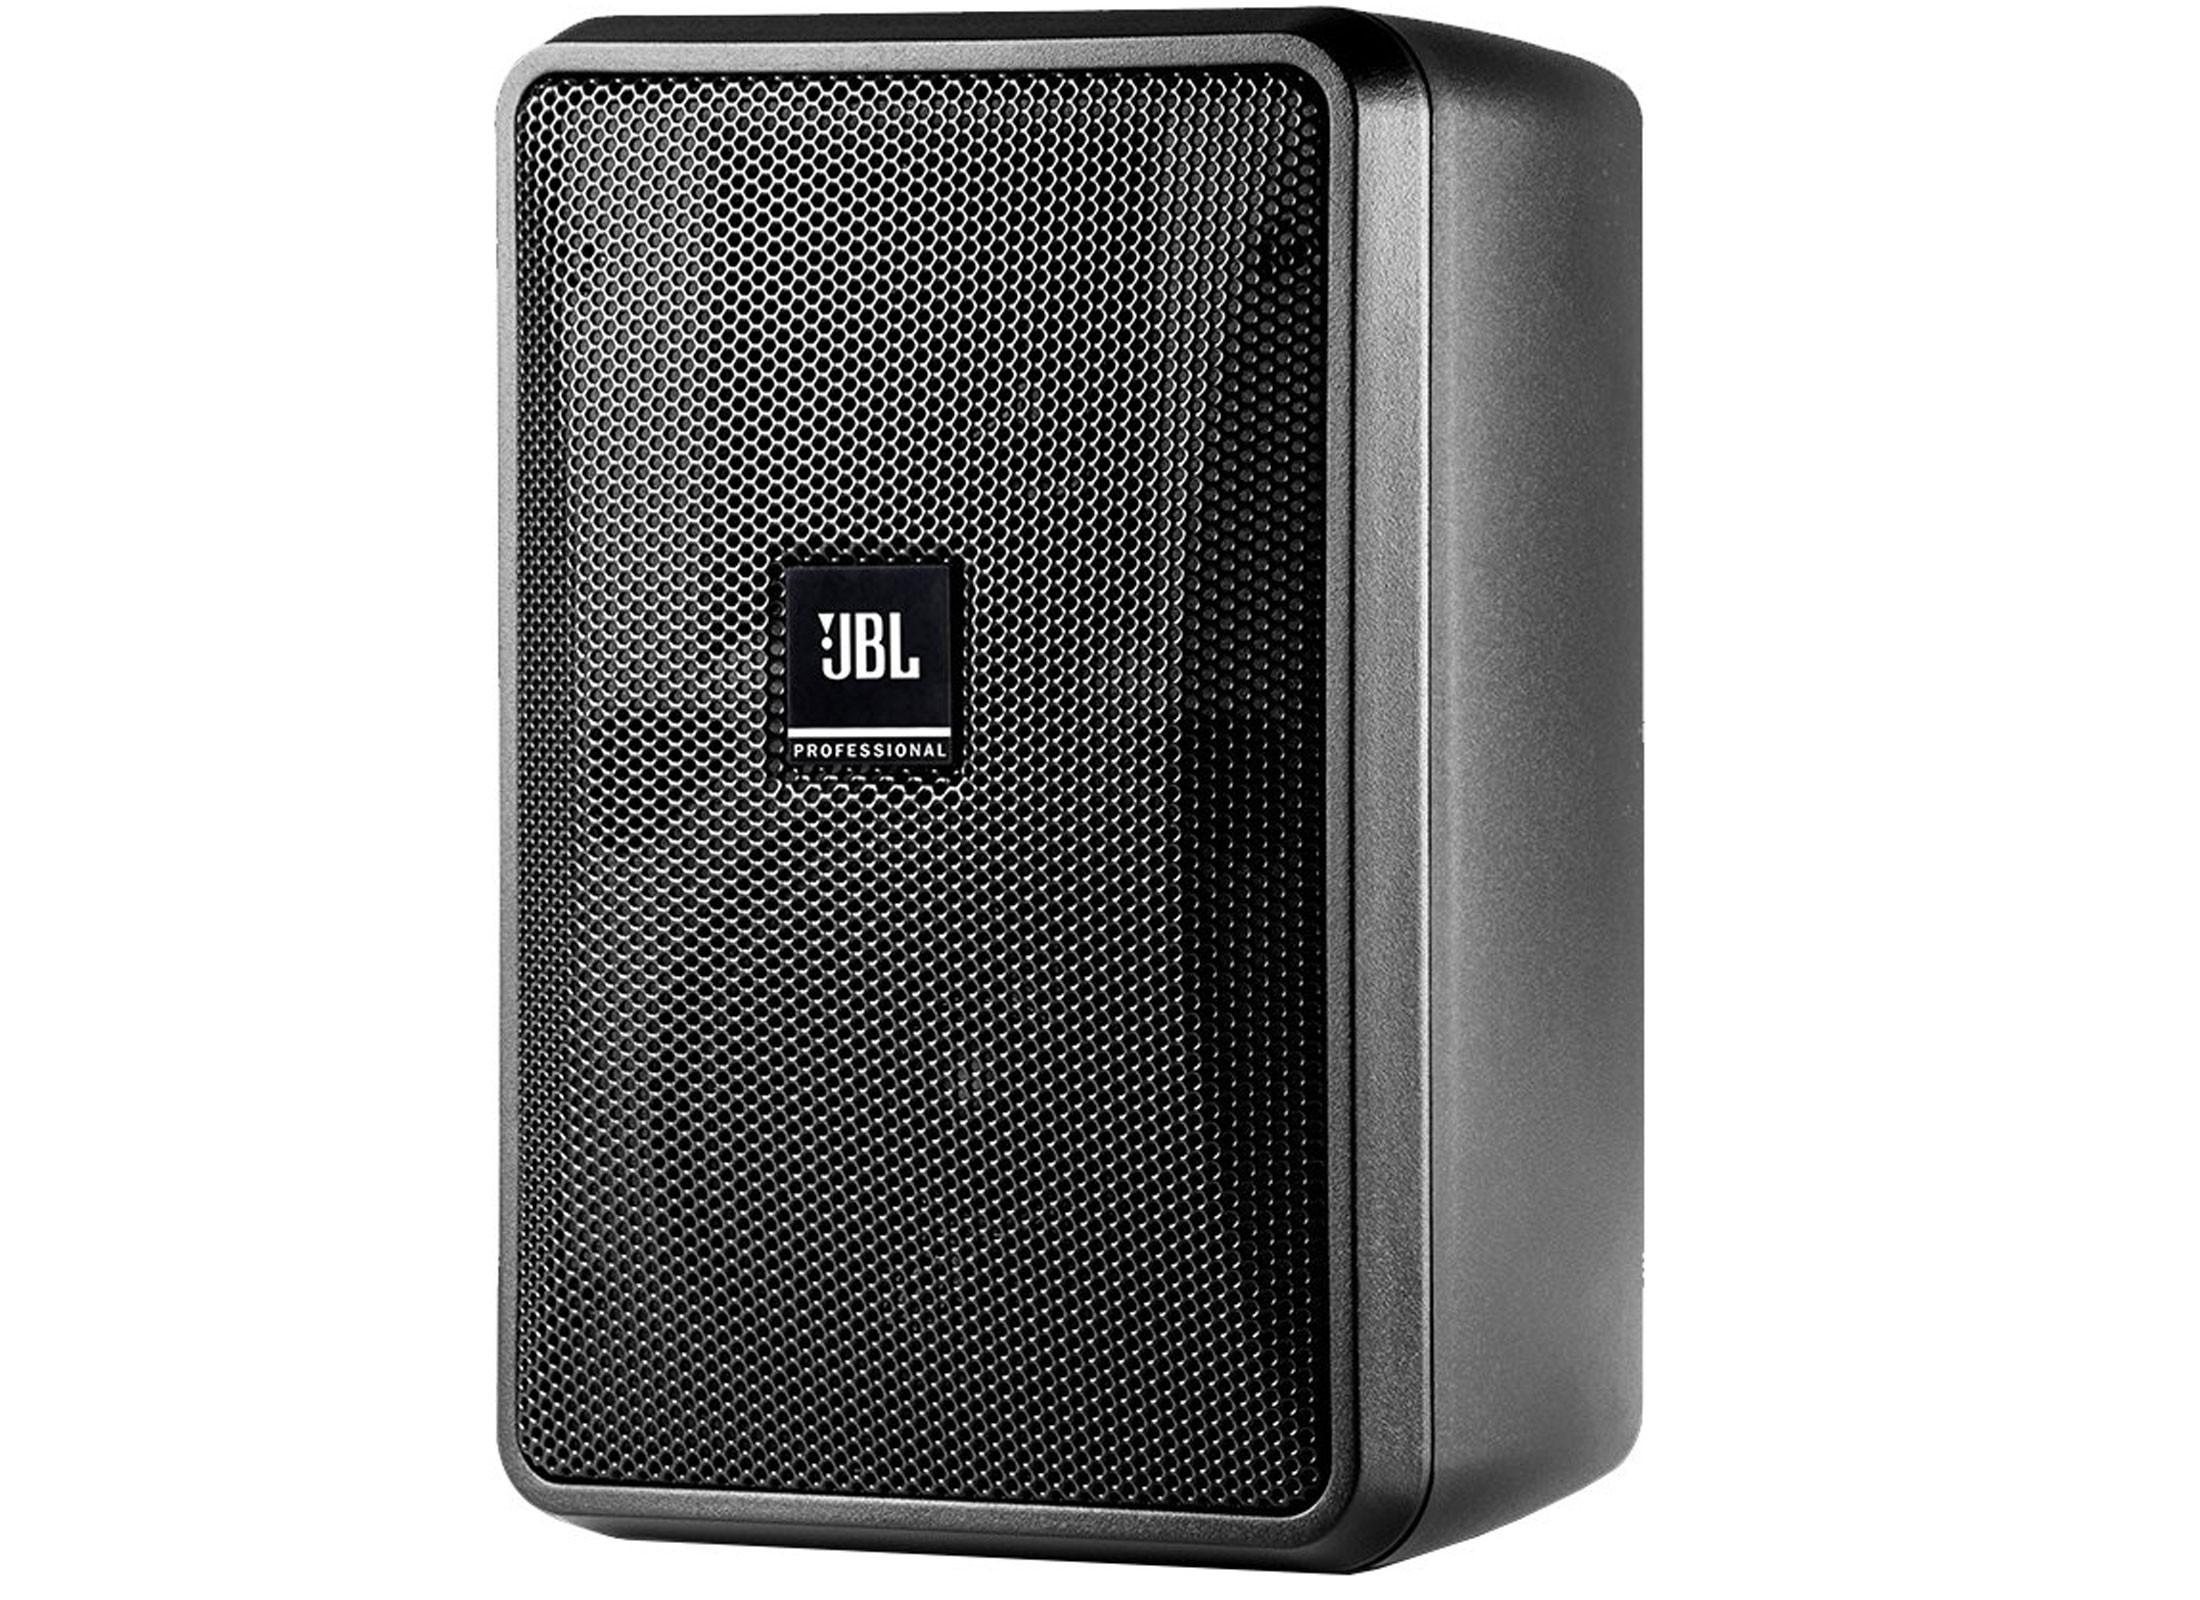 jbl control 23 1l speaker passive black online at low. Black Bedroom Furniture Sets. Home Design Ideas